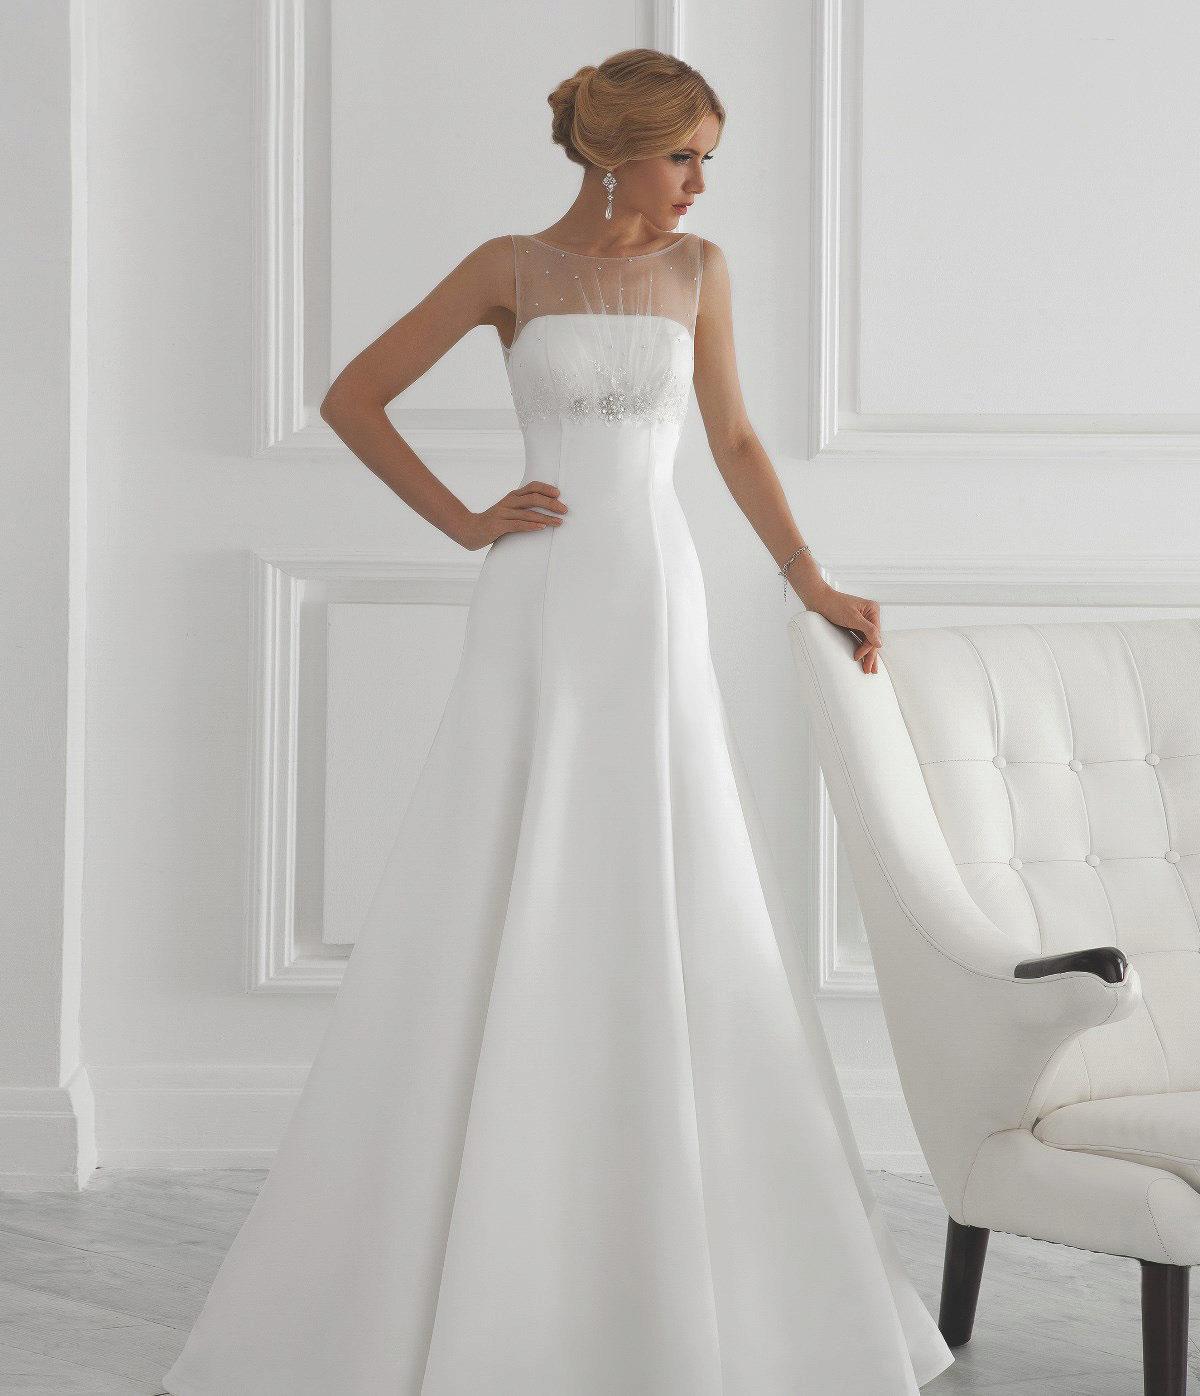 Купить свадебное платье в магазине недорого